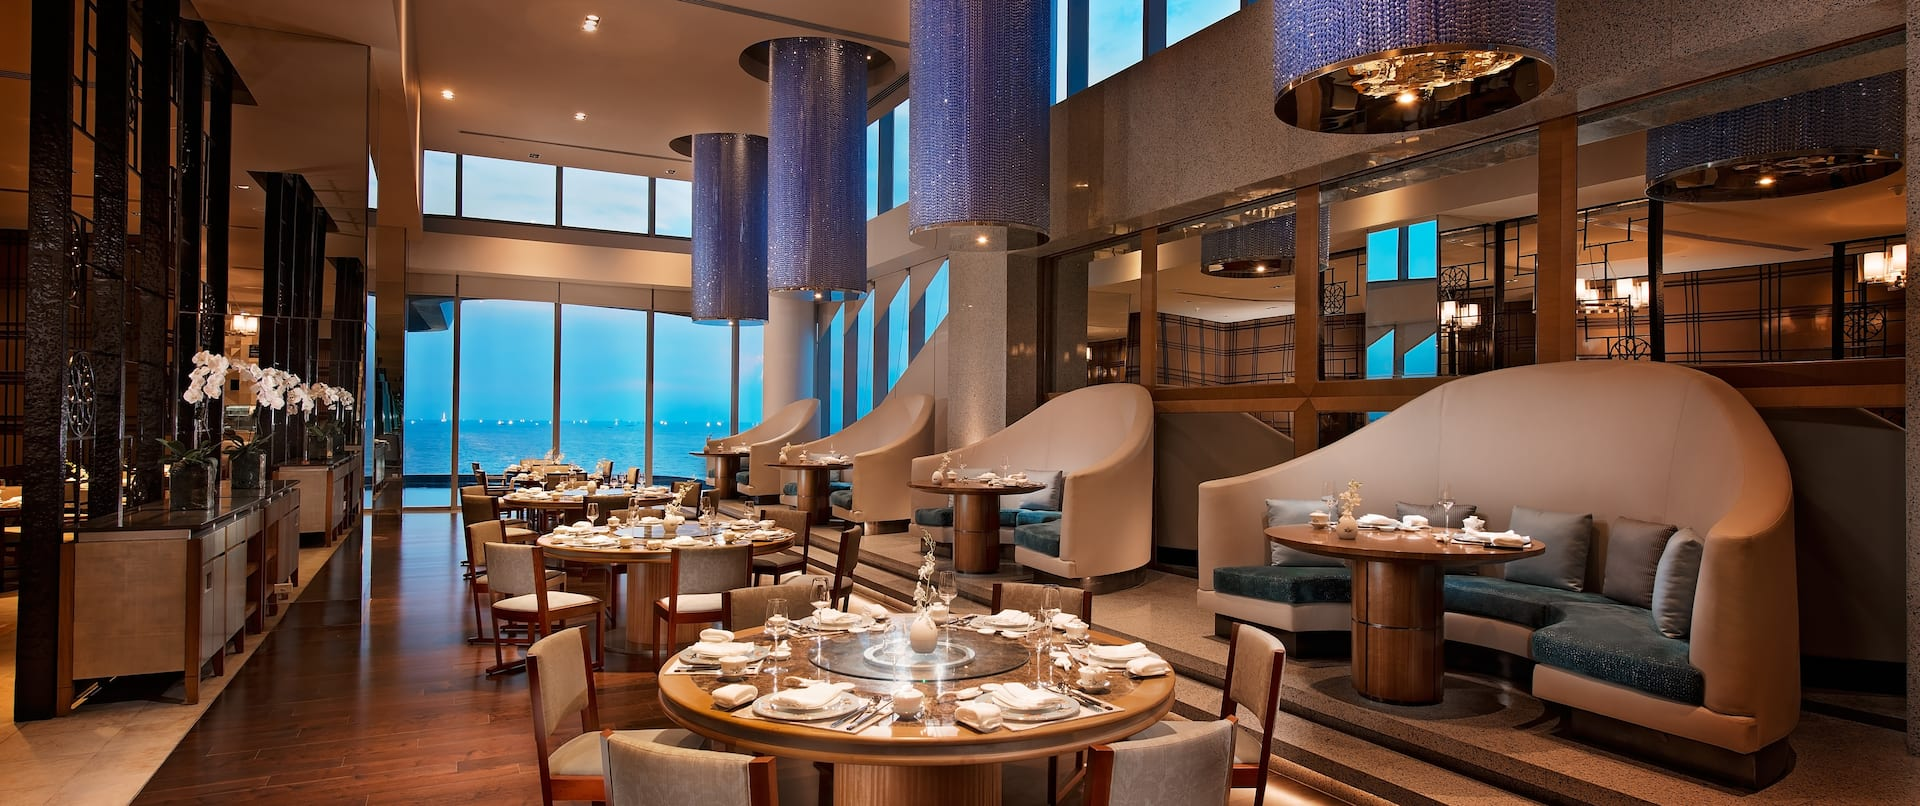 Spacious Restaurant Area